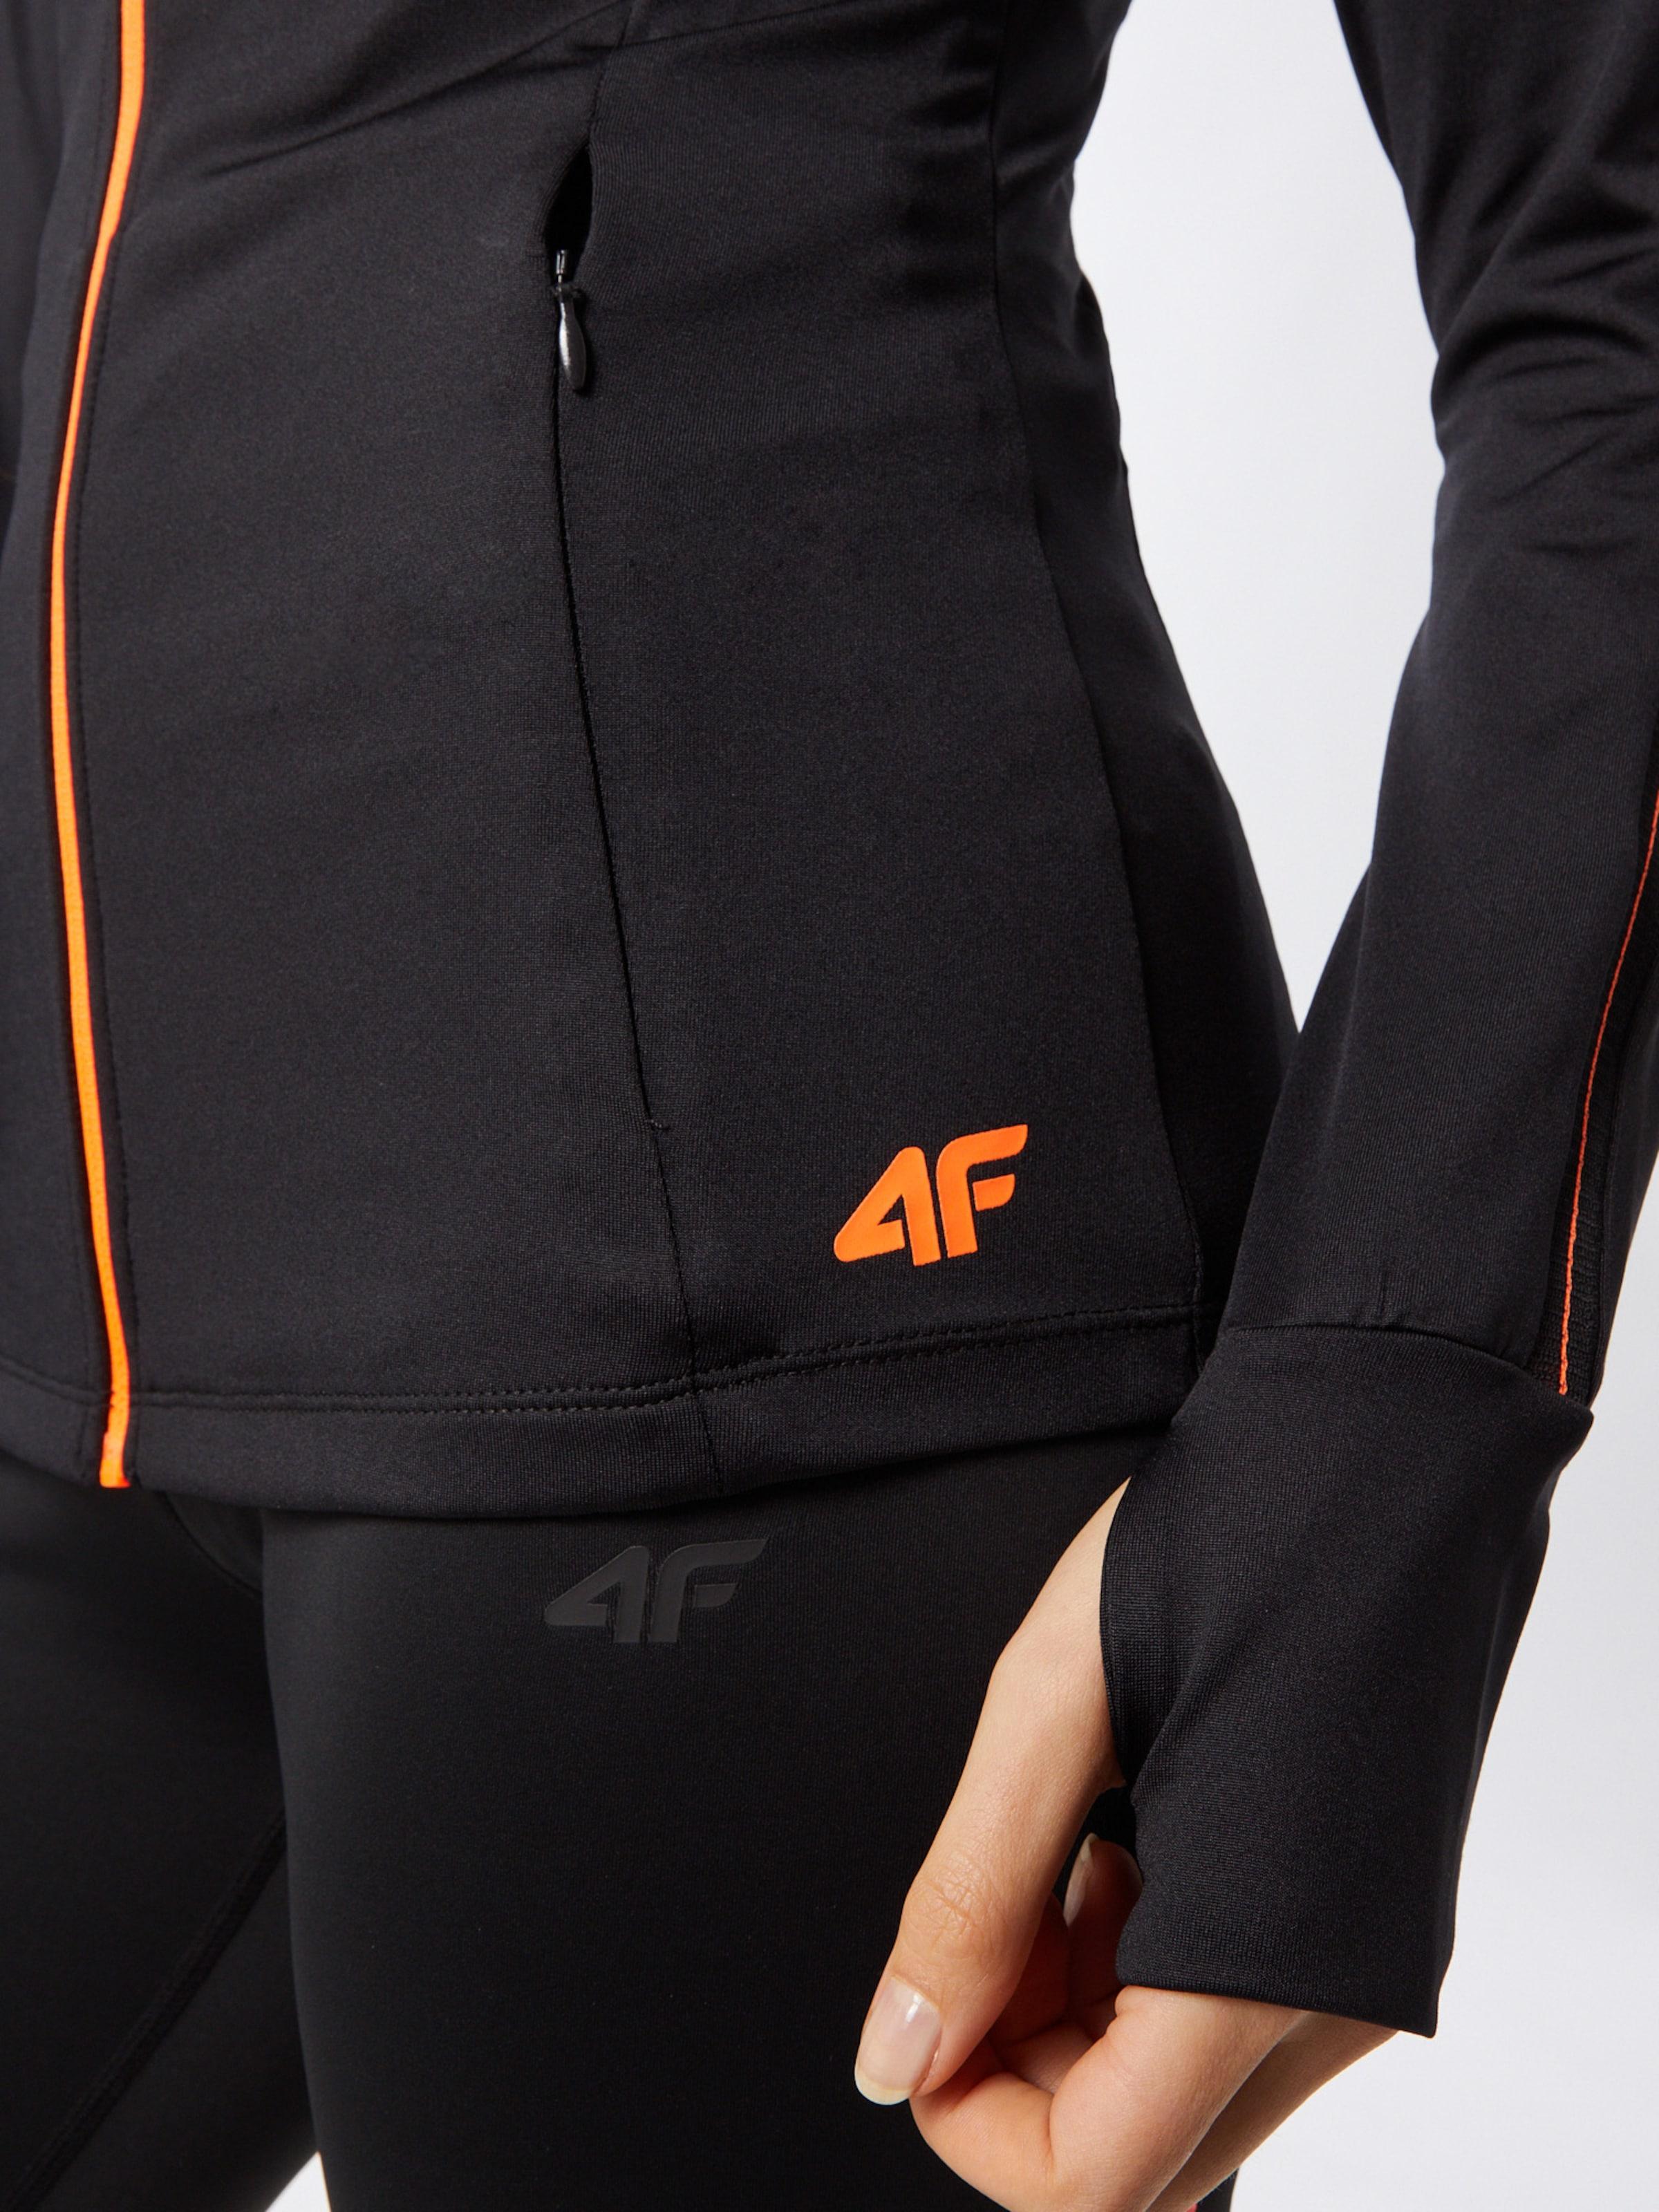 4F Sportsweatjacke in orange / schwarz